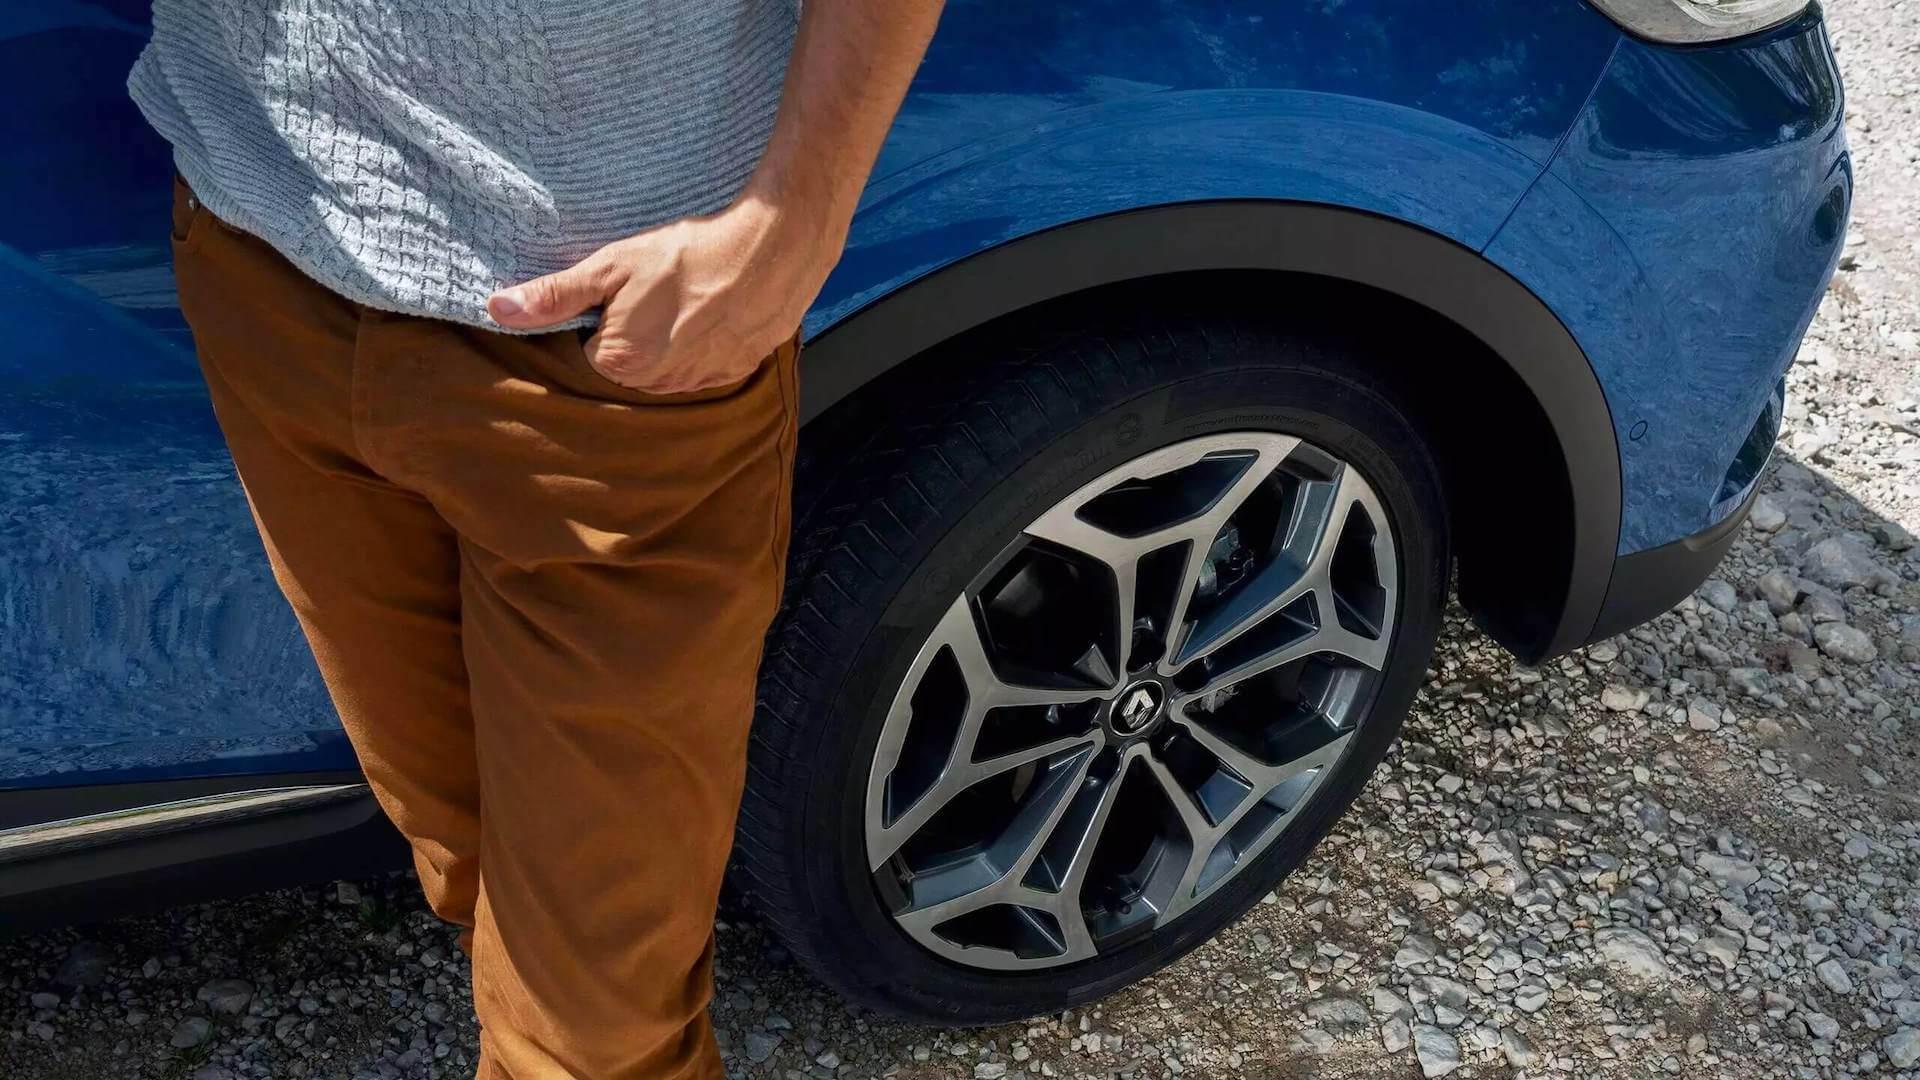 Felgen vom blauen Auto - Renault Kadjar - Renault Ahrens Hannover